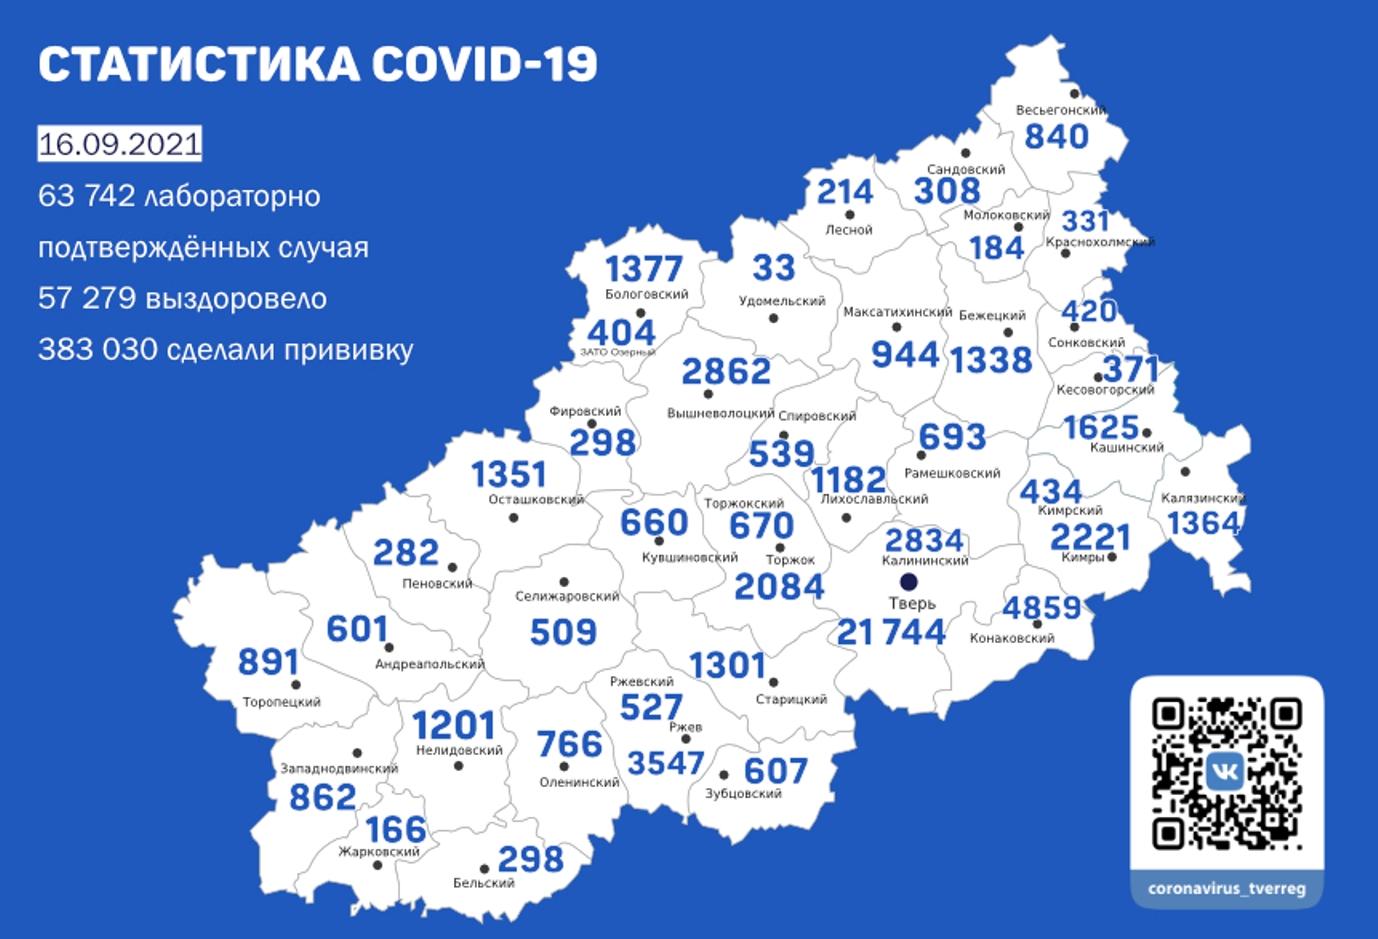 В Твери +89 зараженных. Карта коронавируса в Тверской области за 16 сентября